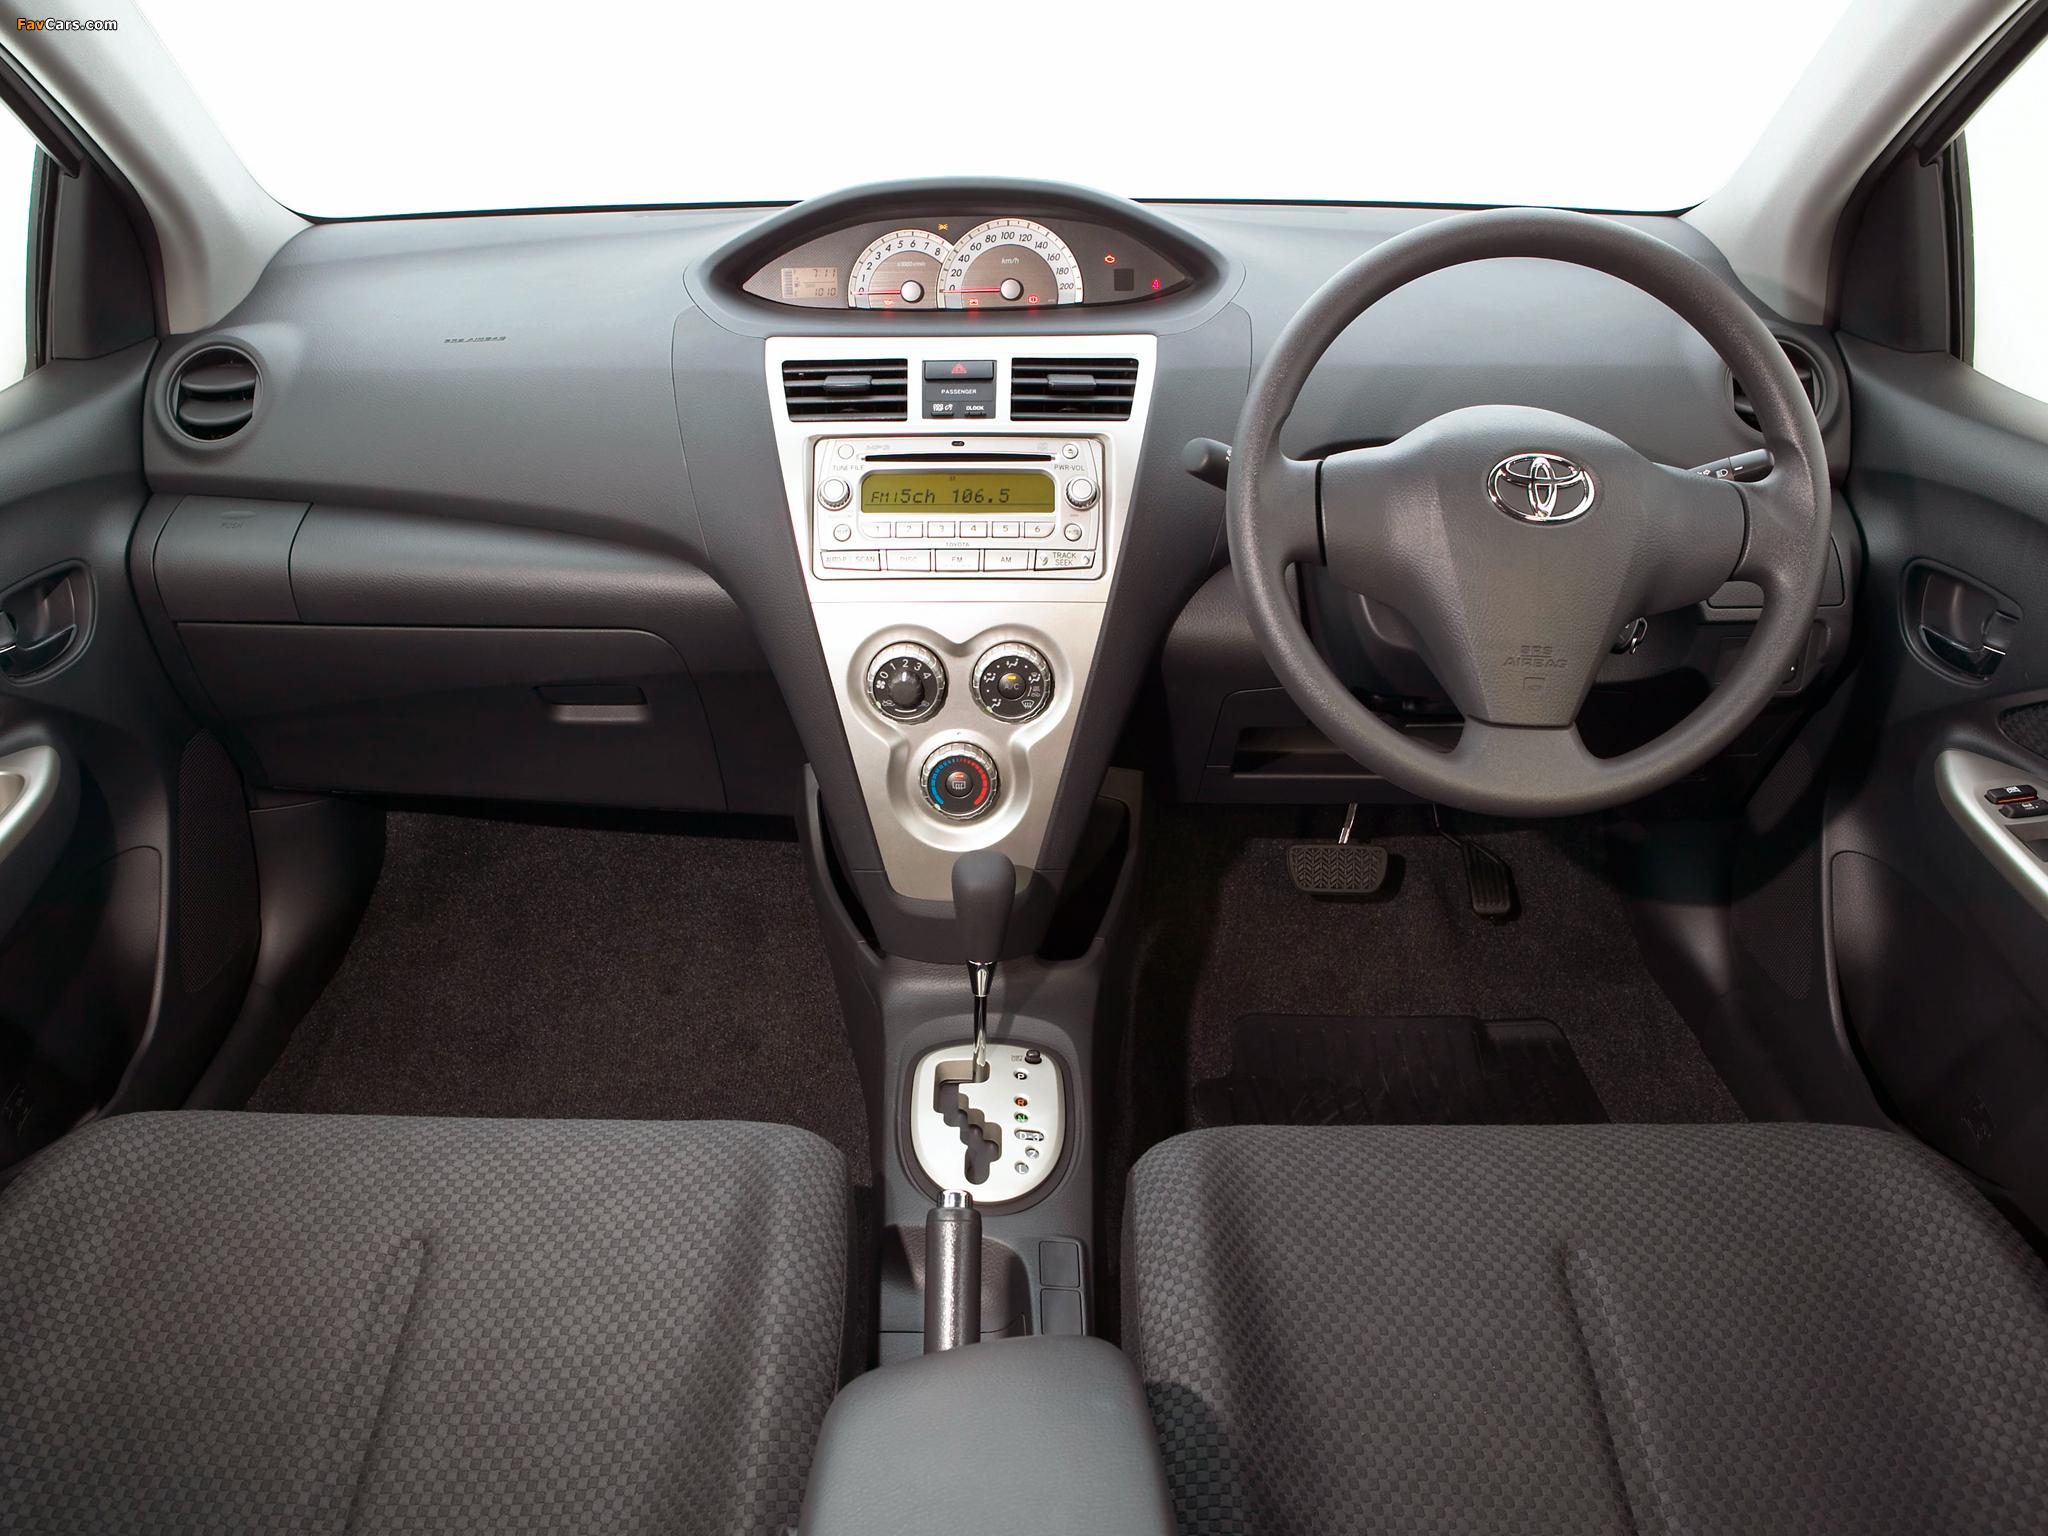 Toyota Yaris как снять #10